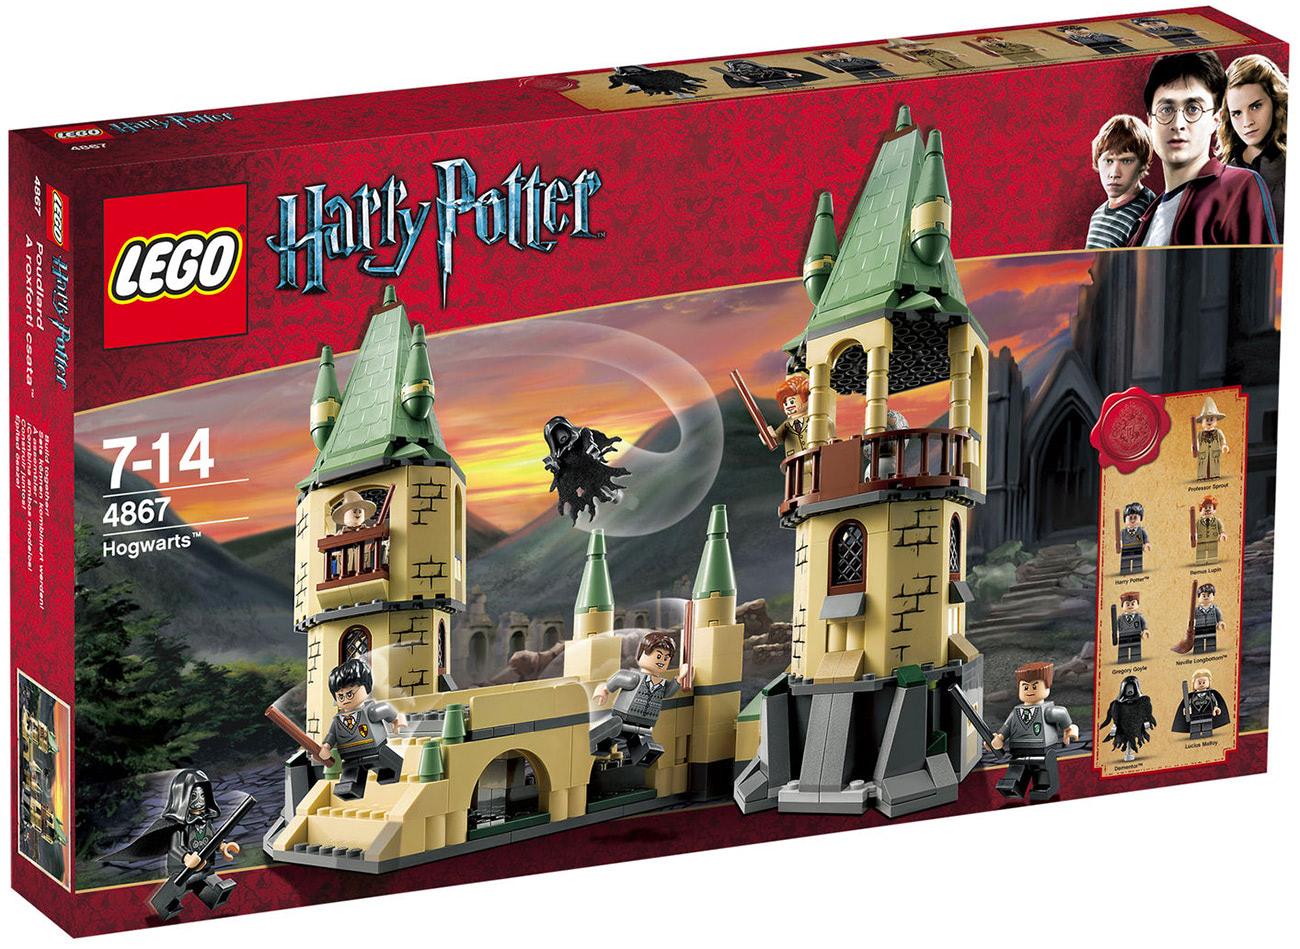 Hogwarts (4867)